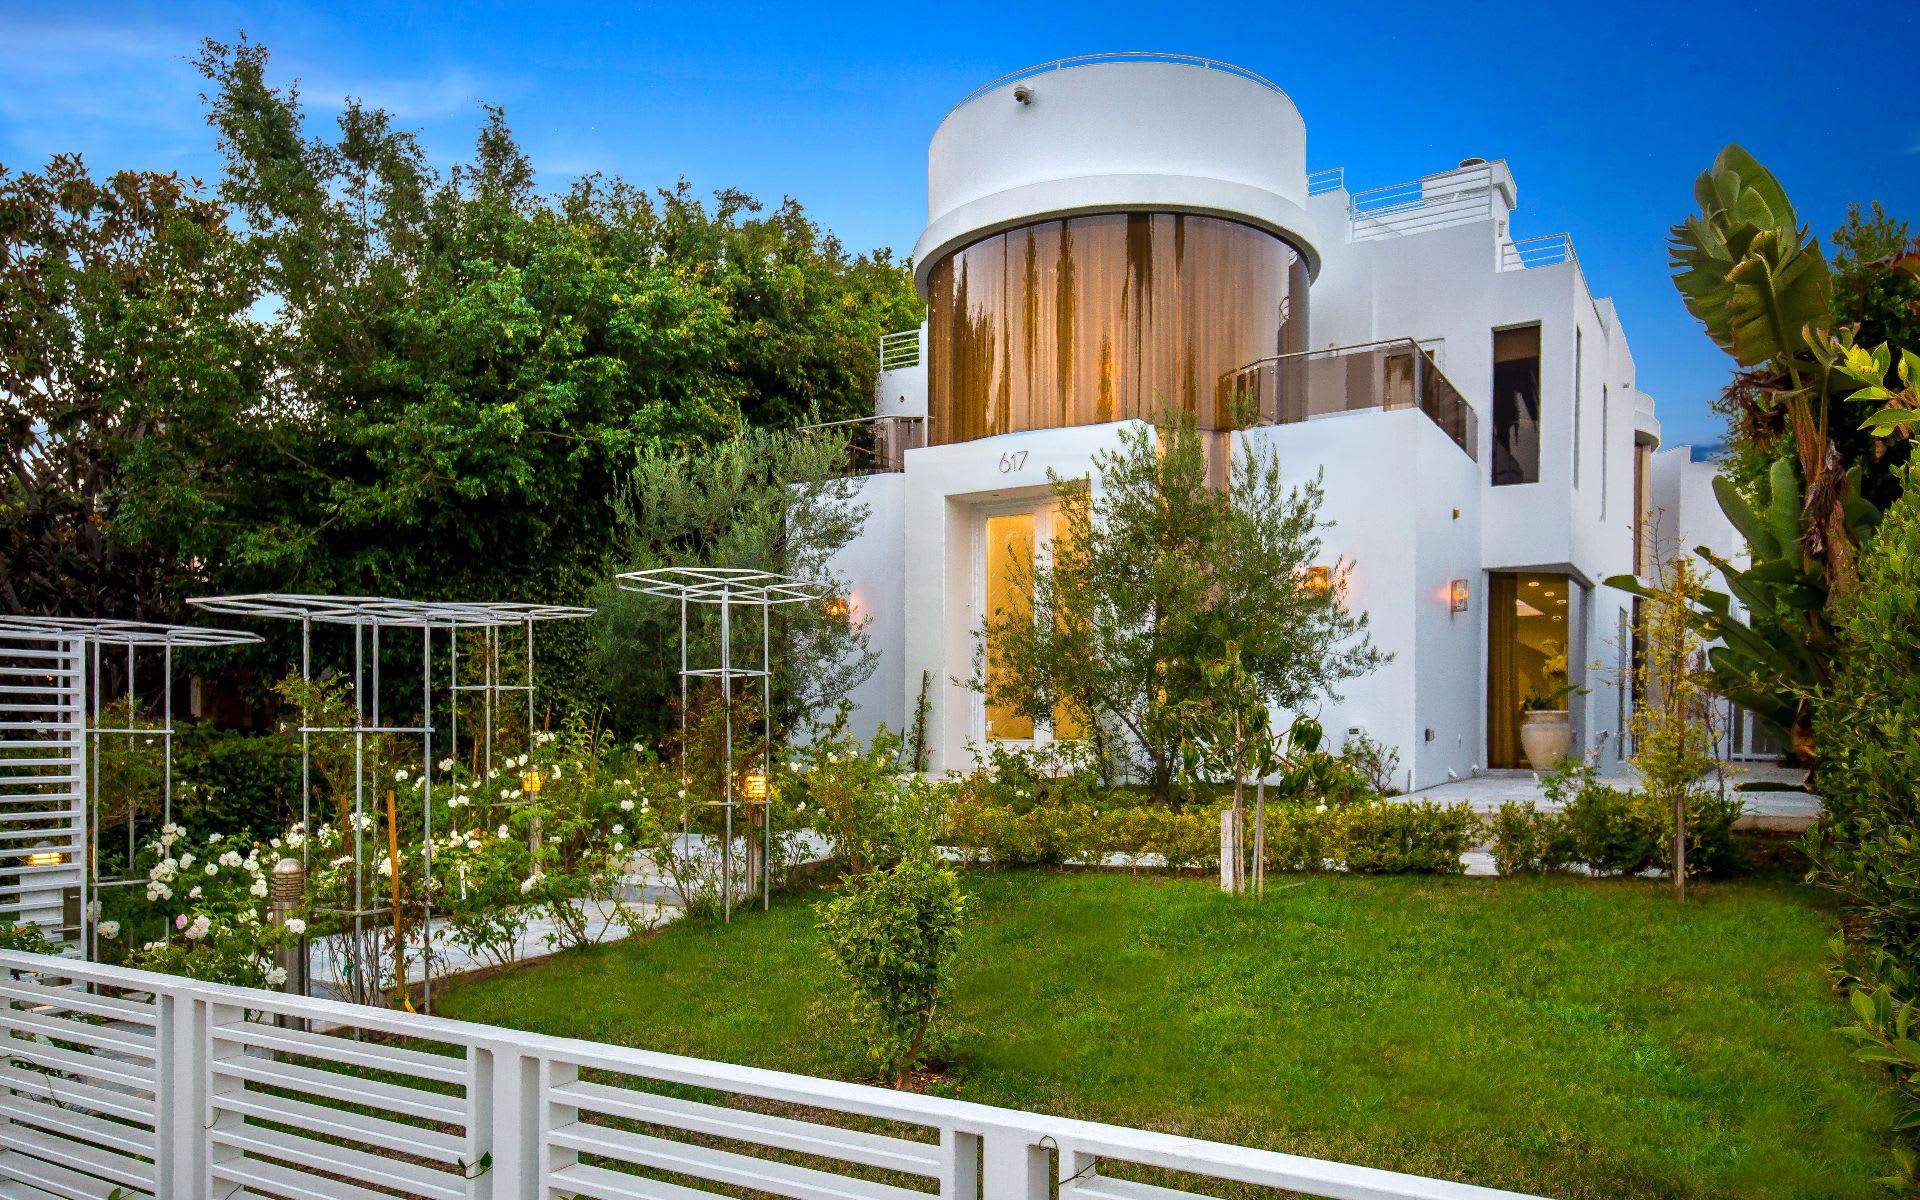 一戸建て のために 売買 アット 617 Georgina Ave 617 Georgina Ave Santa Monica, カリフォルニア,90402 アメリカ合衆国